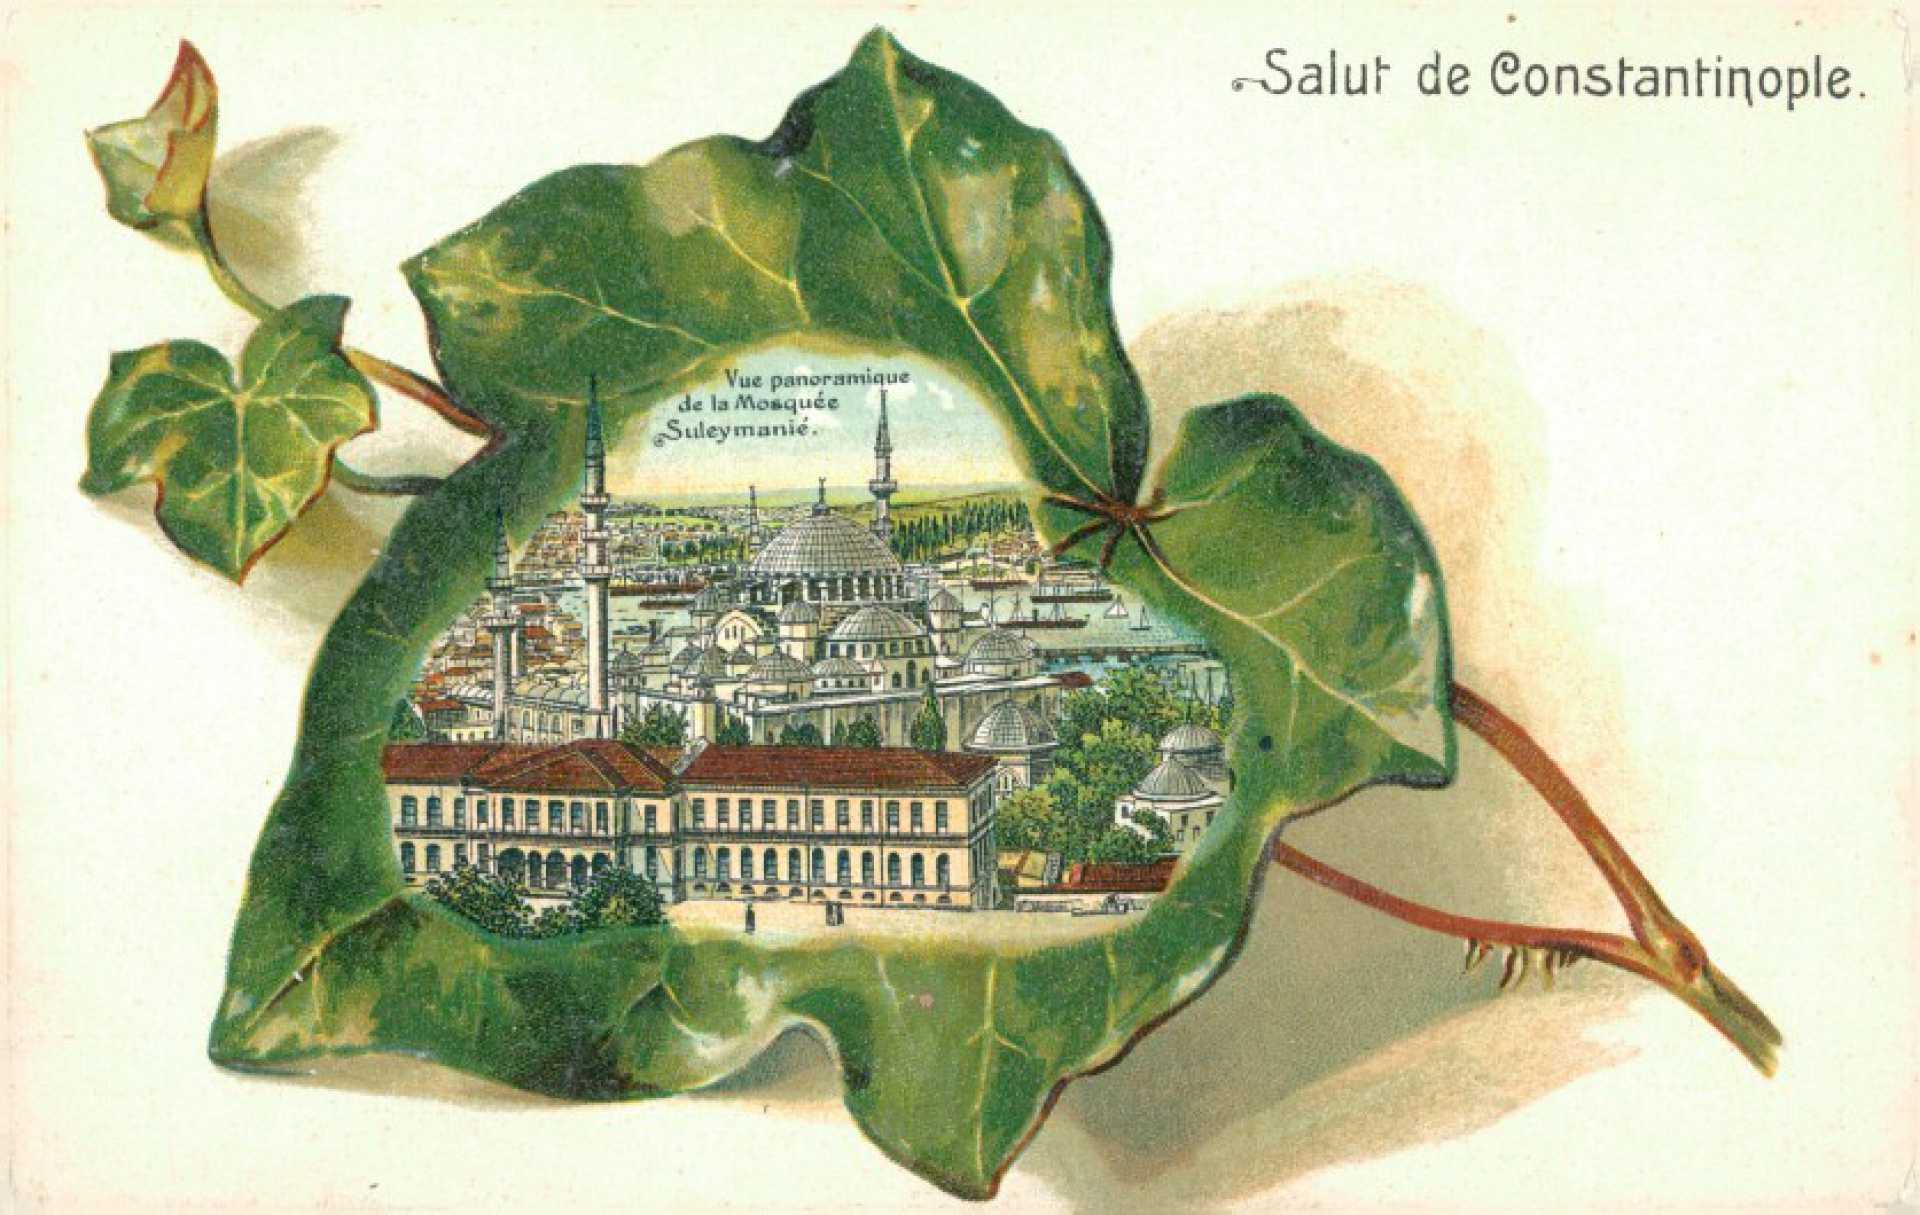 Vue panoramigue de la Mosquee Suleymanie